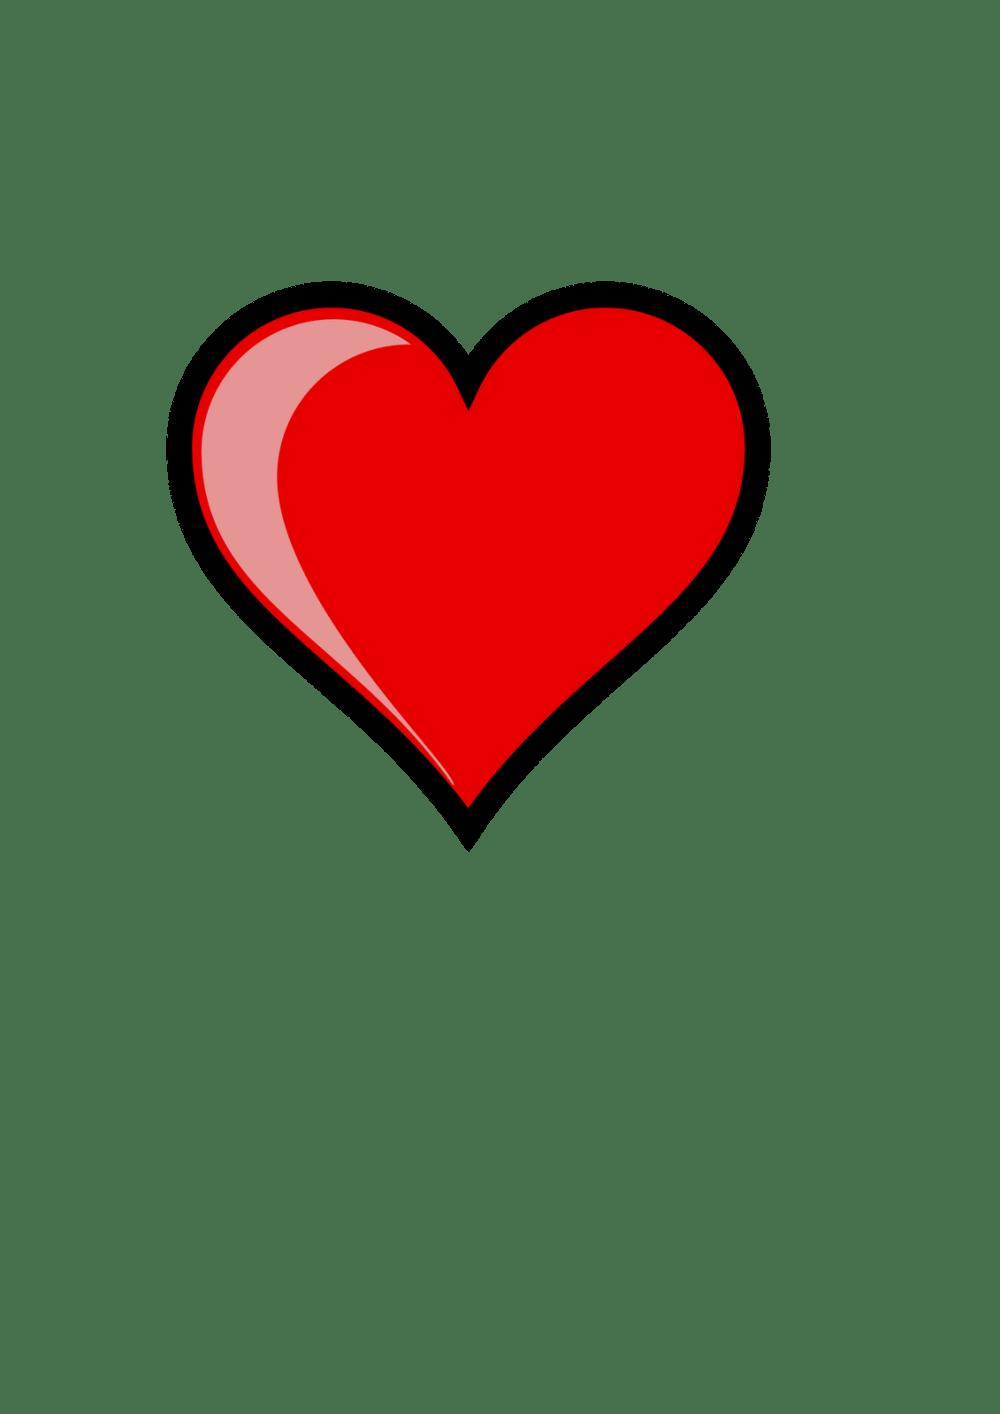 medium resolution of free valentine s day clip art 2014 valentine card free